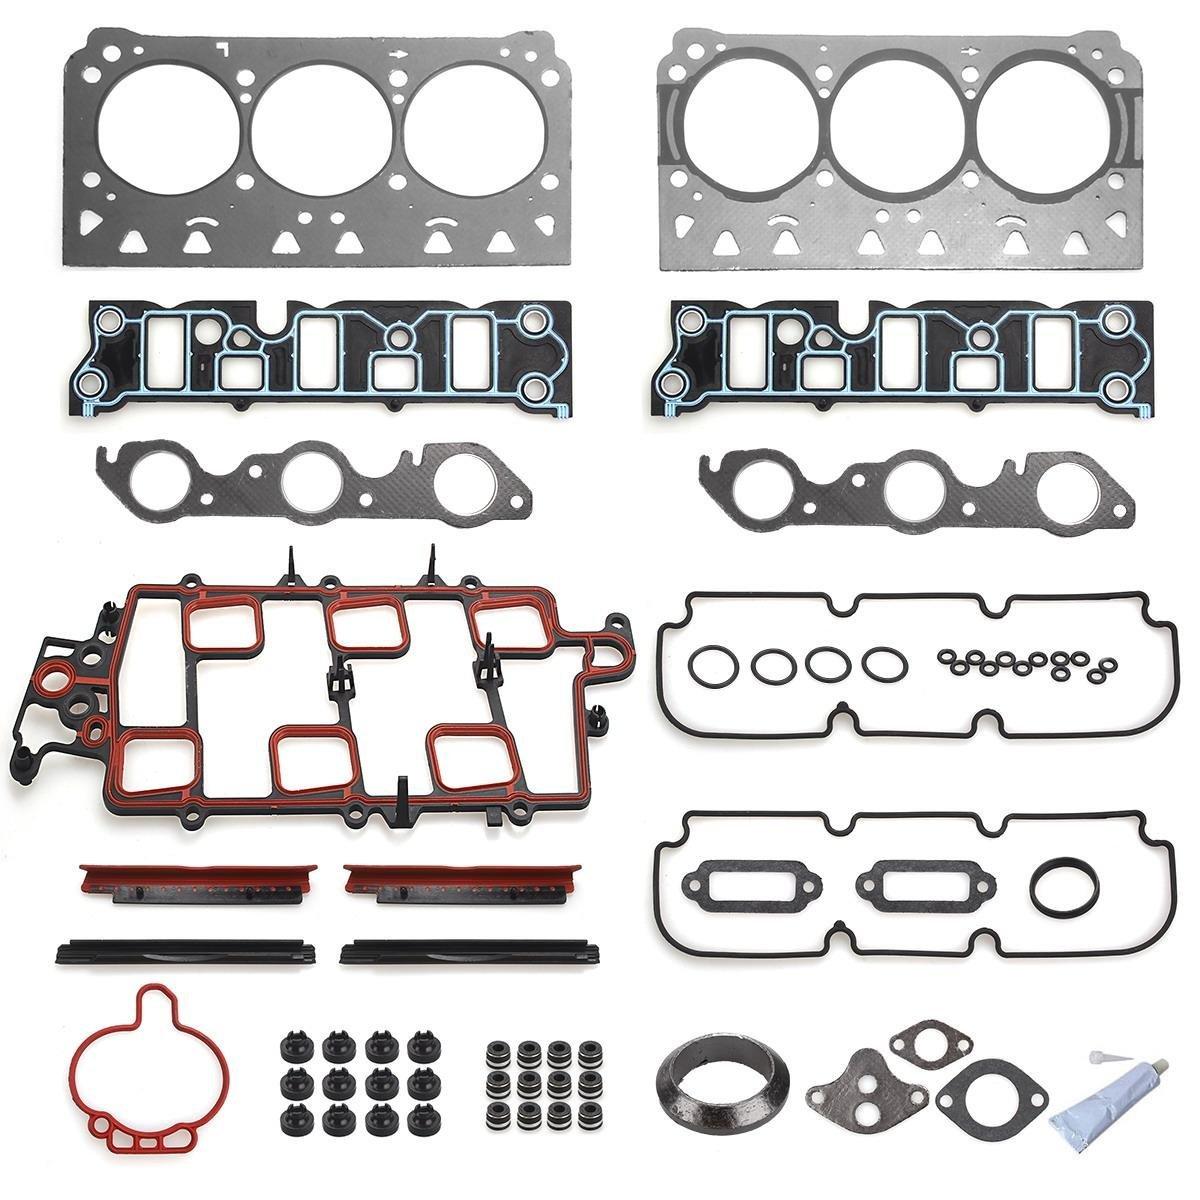 Vincos Head Gasket Set fits For 97-05 Buick Chevy Oldsmobile Pontiac 3.8L VIN 1 2 K HS9917PT